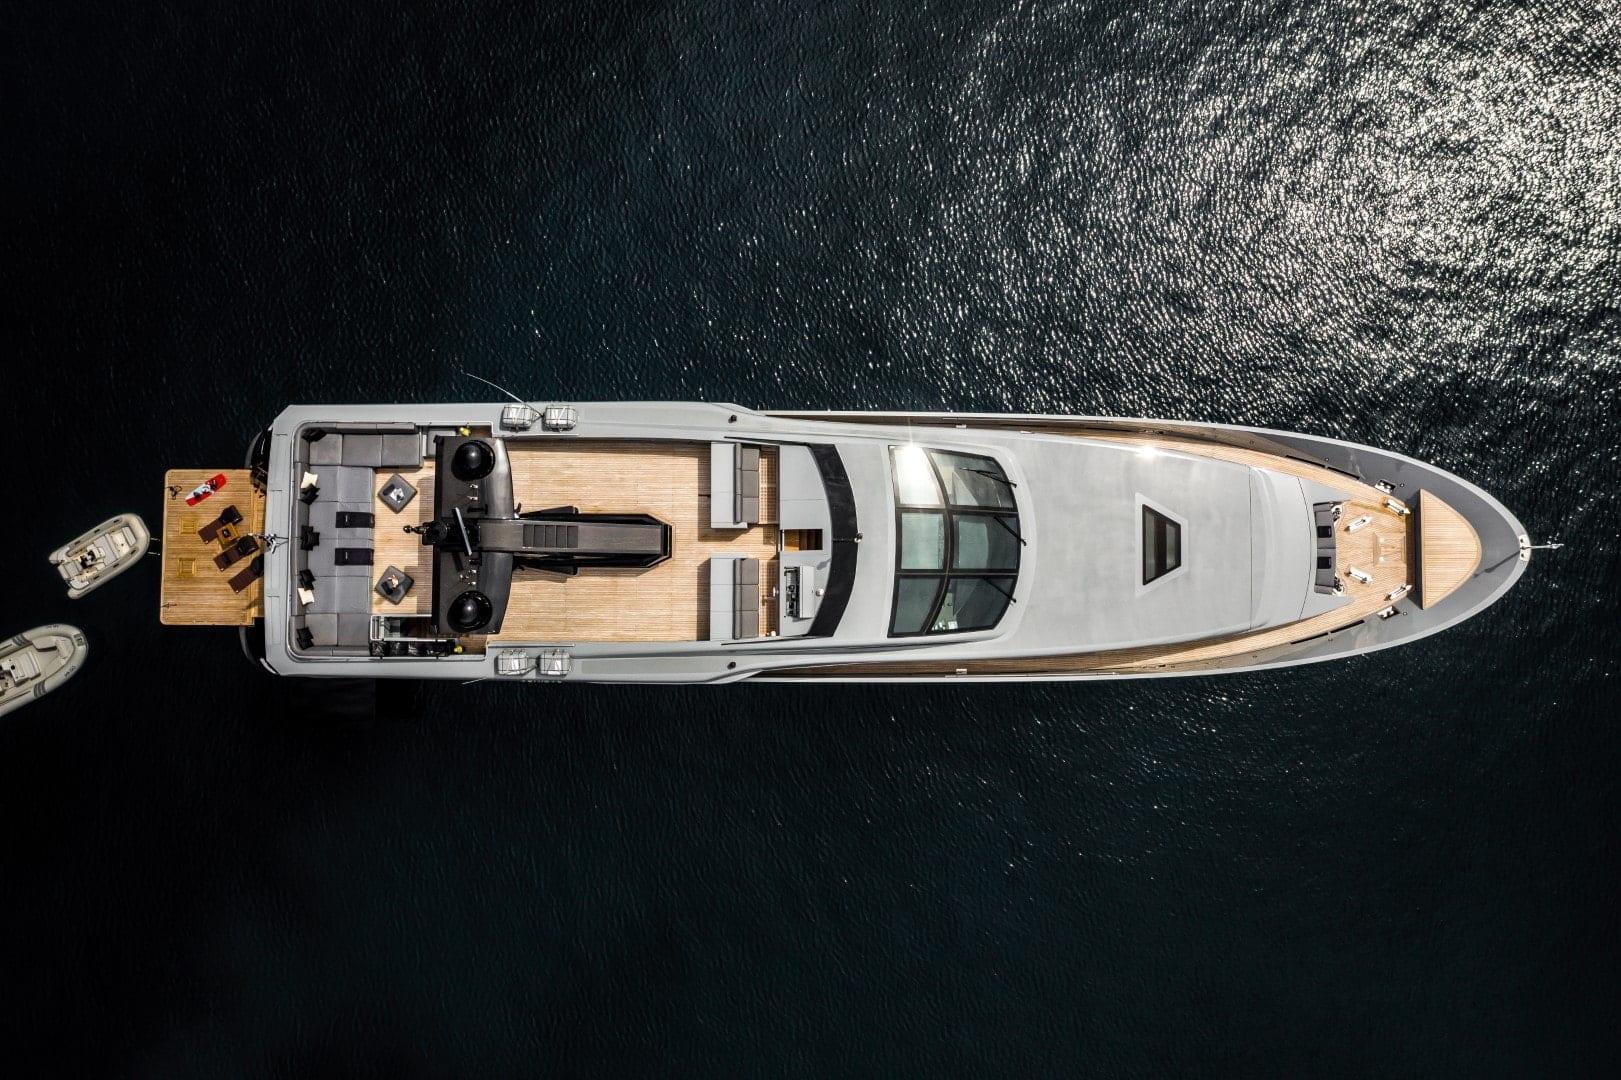 mado-motor-yacht-exterior-profiles (11)